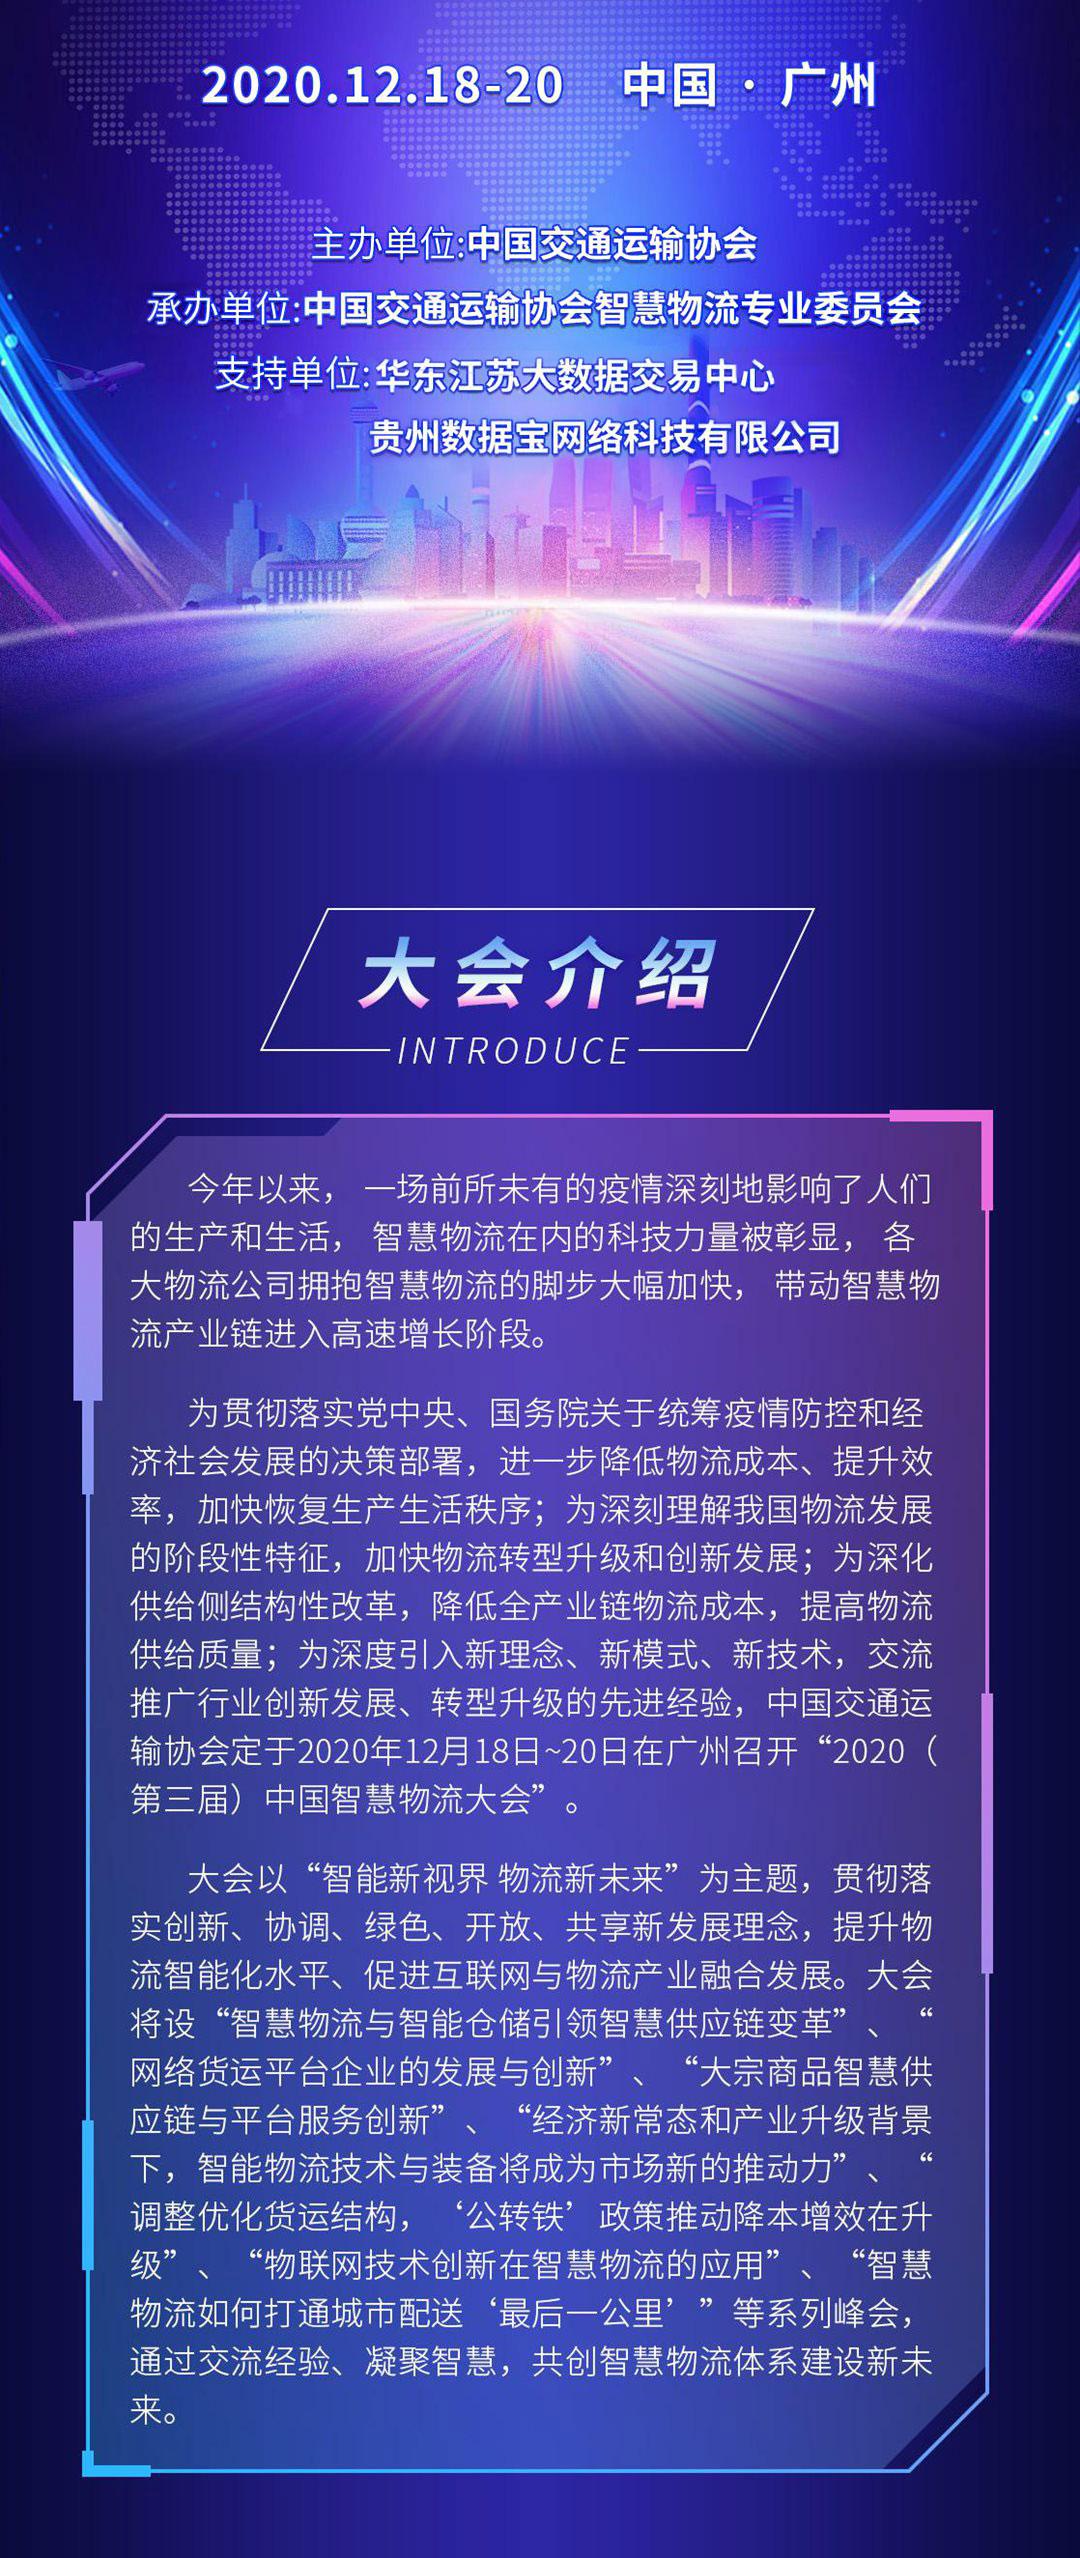 第三届中国智慧物流大会